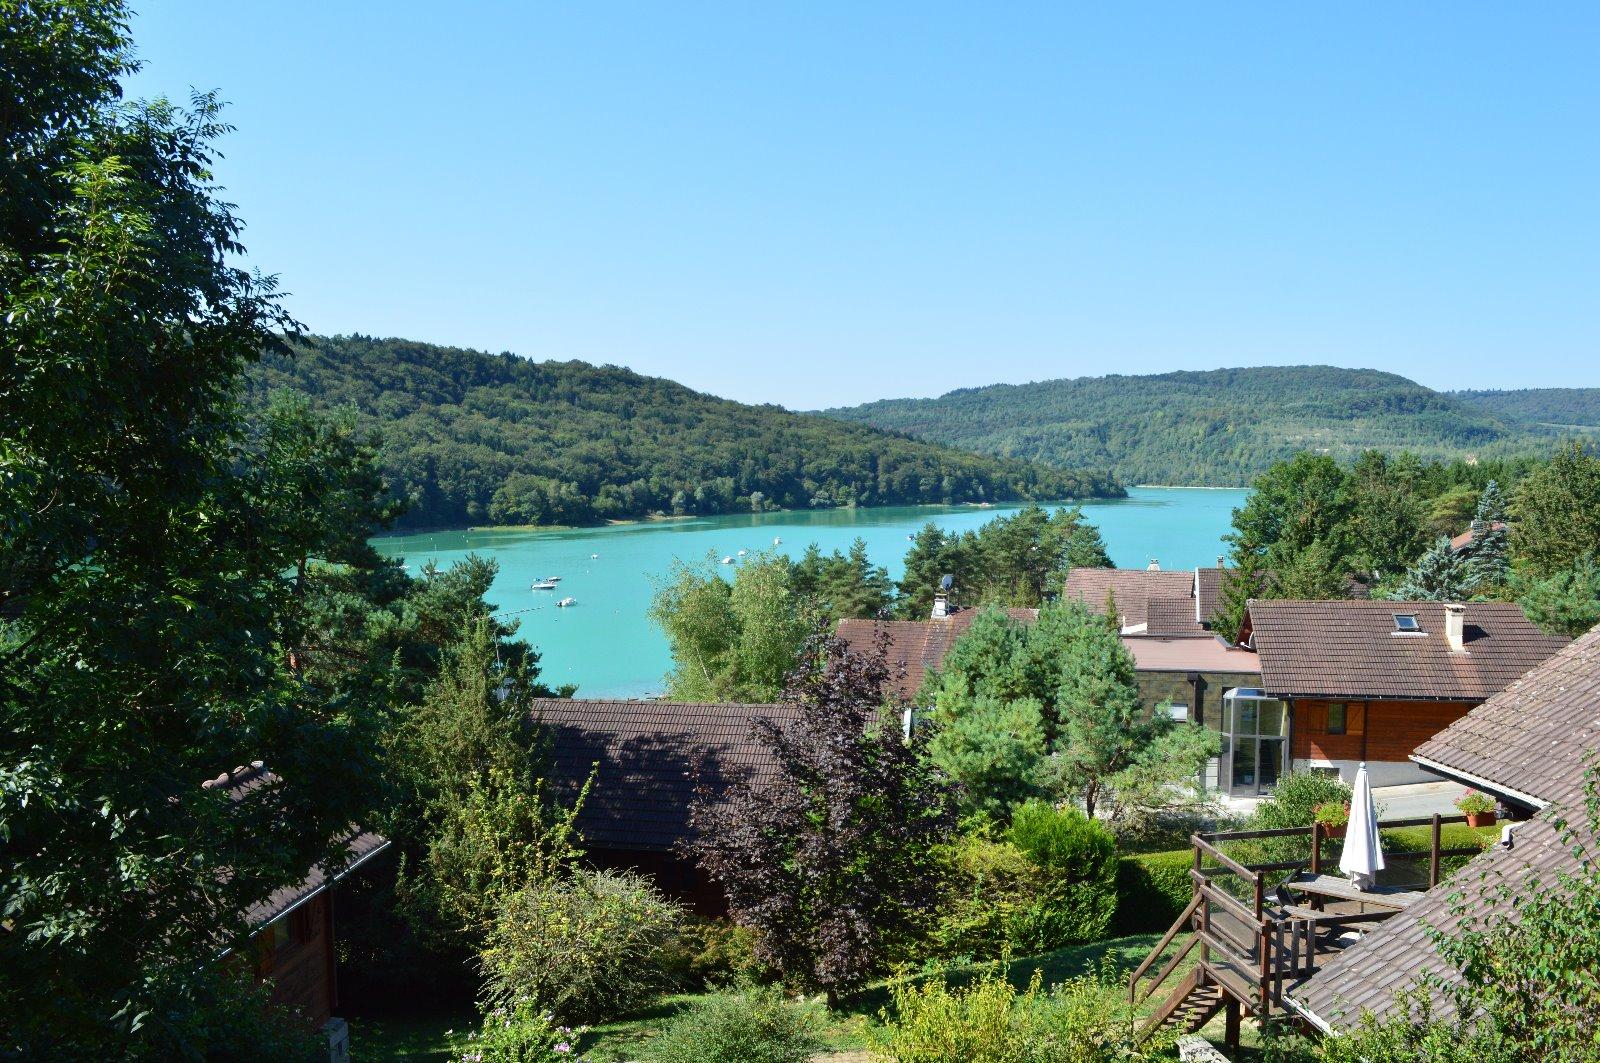 Clairvaux les lacs vends maison 190 m avec 2 logements vue lac vougalns plage 2mn 3d - Maison avec vue lac lands end ...